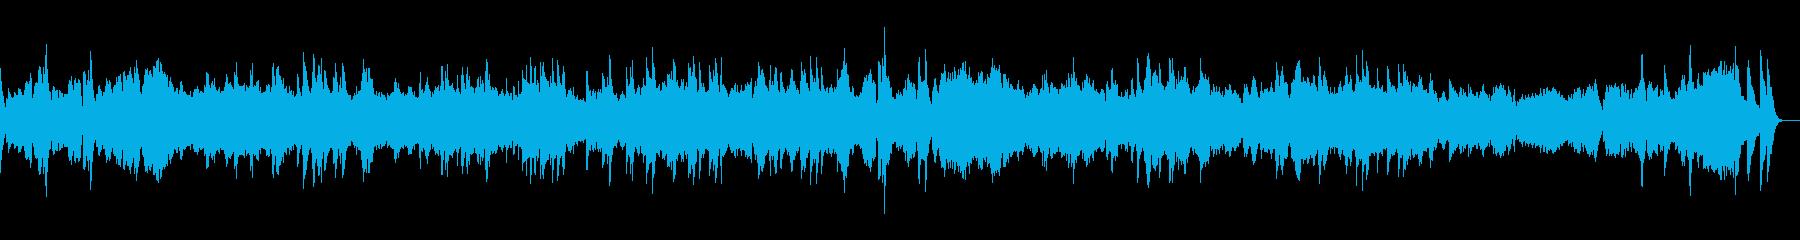 エチュード 作品10-12 オルゴールの再生済みの波形